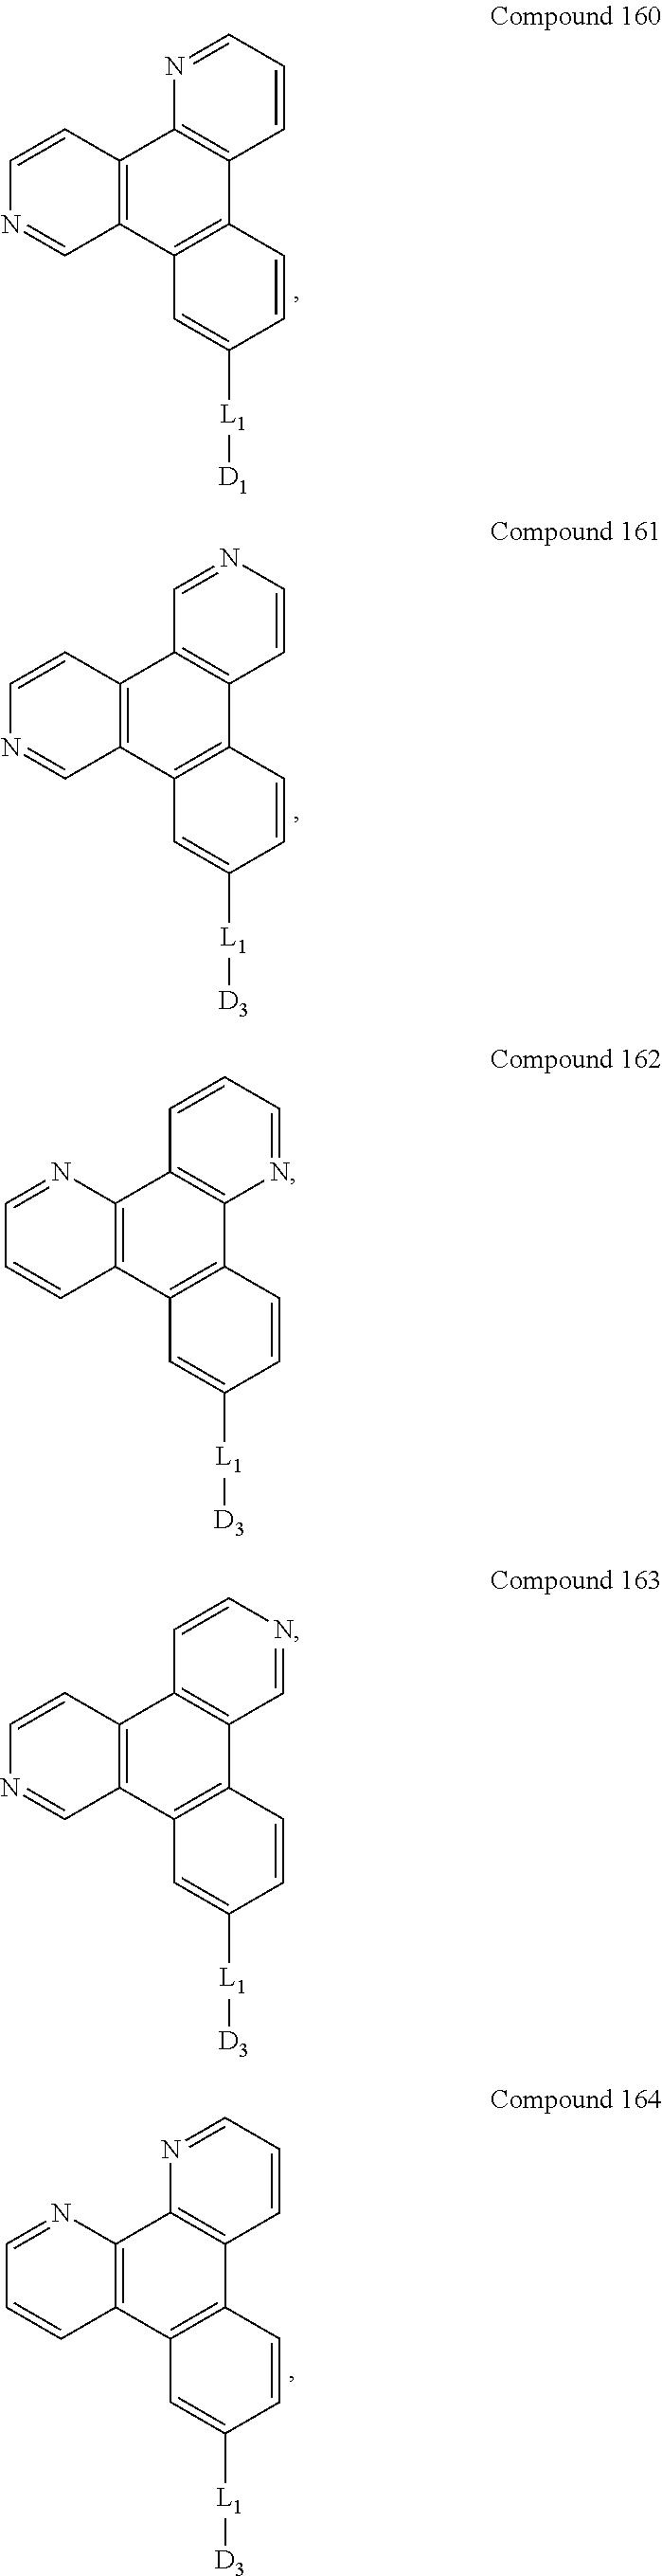 Figure US09537106-20170103-C00189